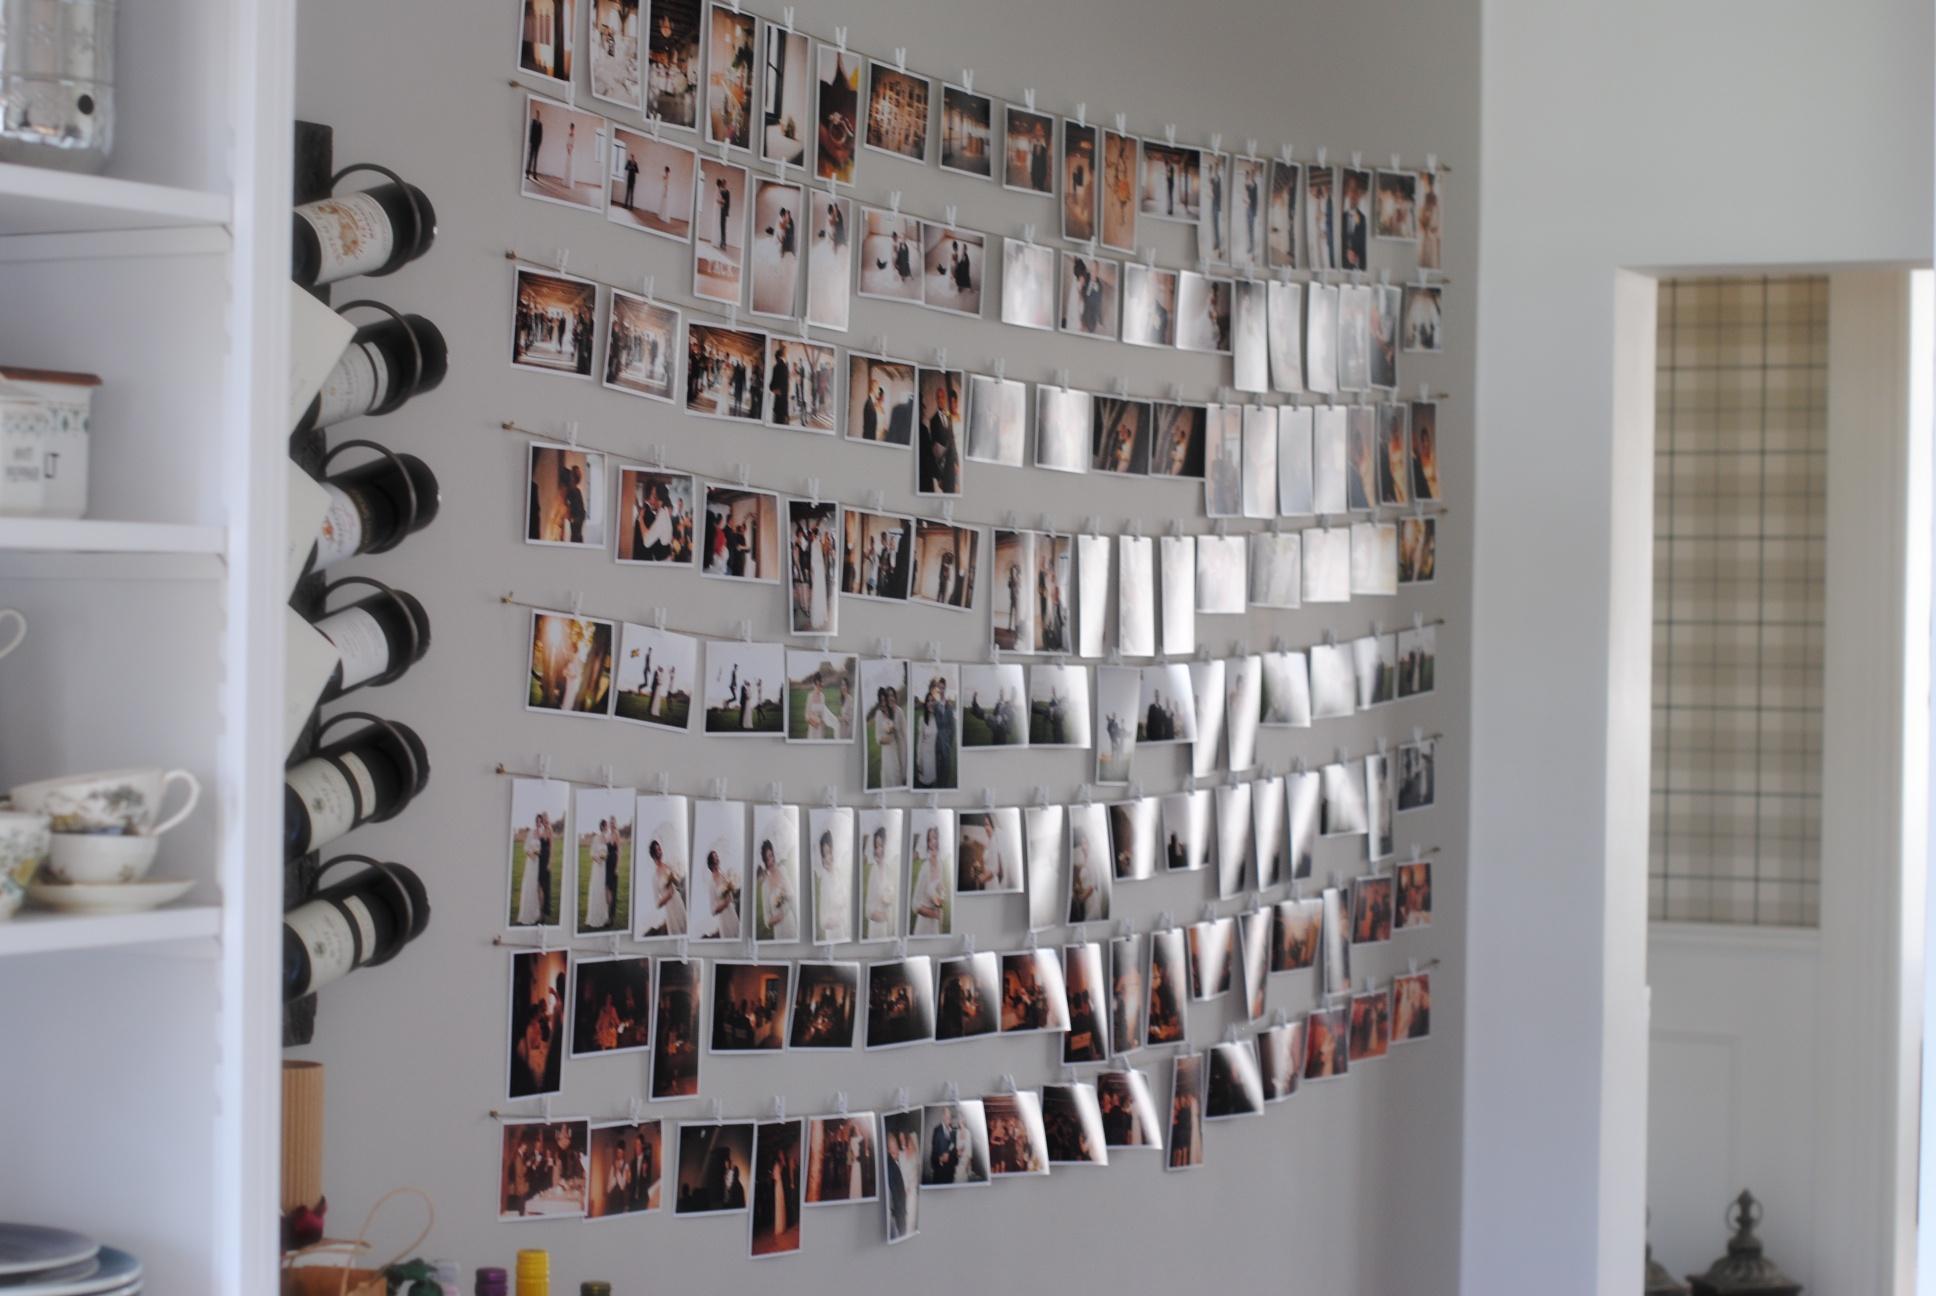 Savannas DrömmarBröllopsbilder på väggen Savannas Drömmar